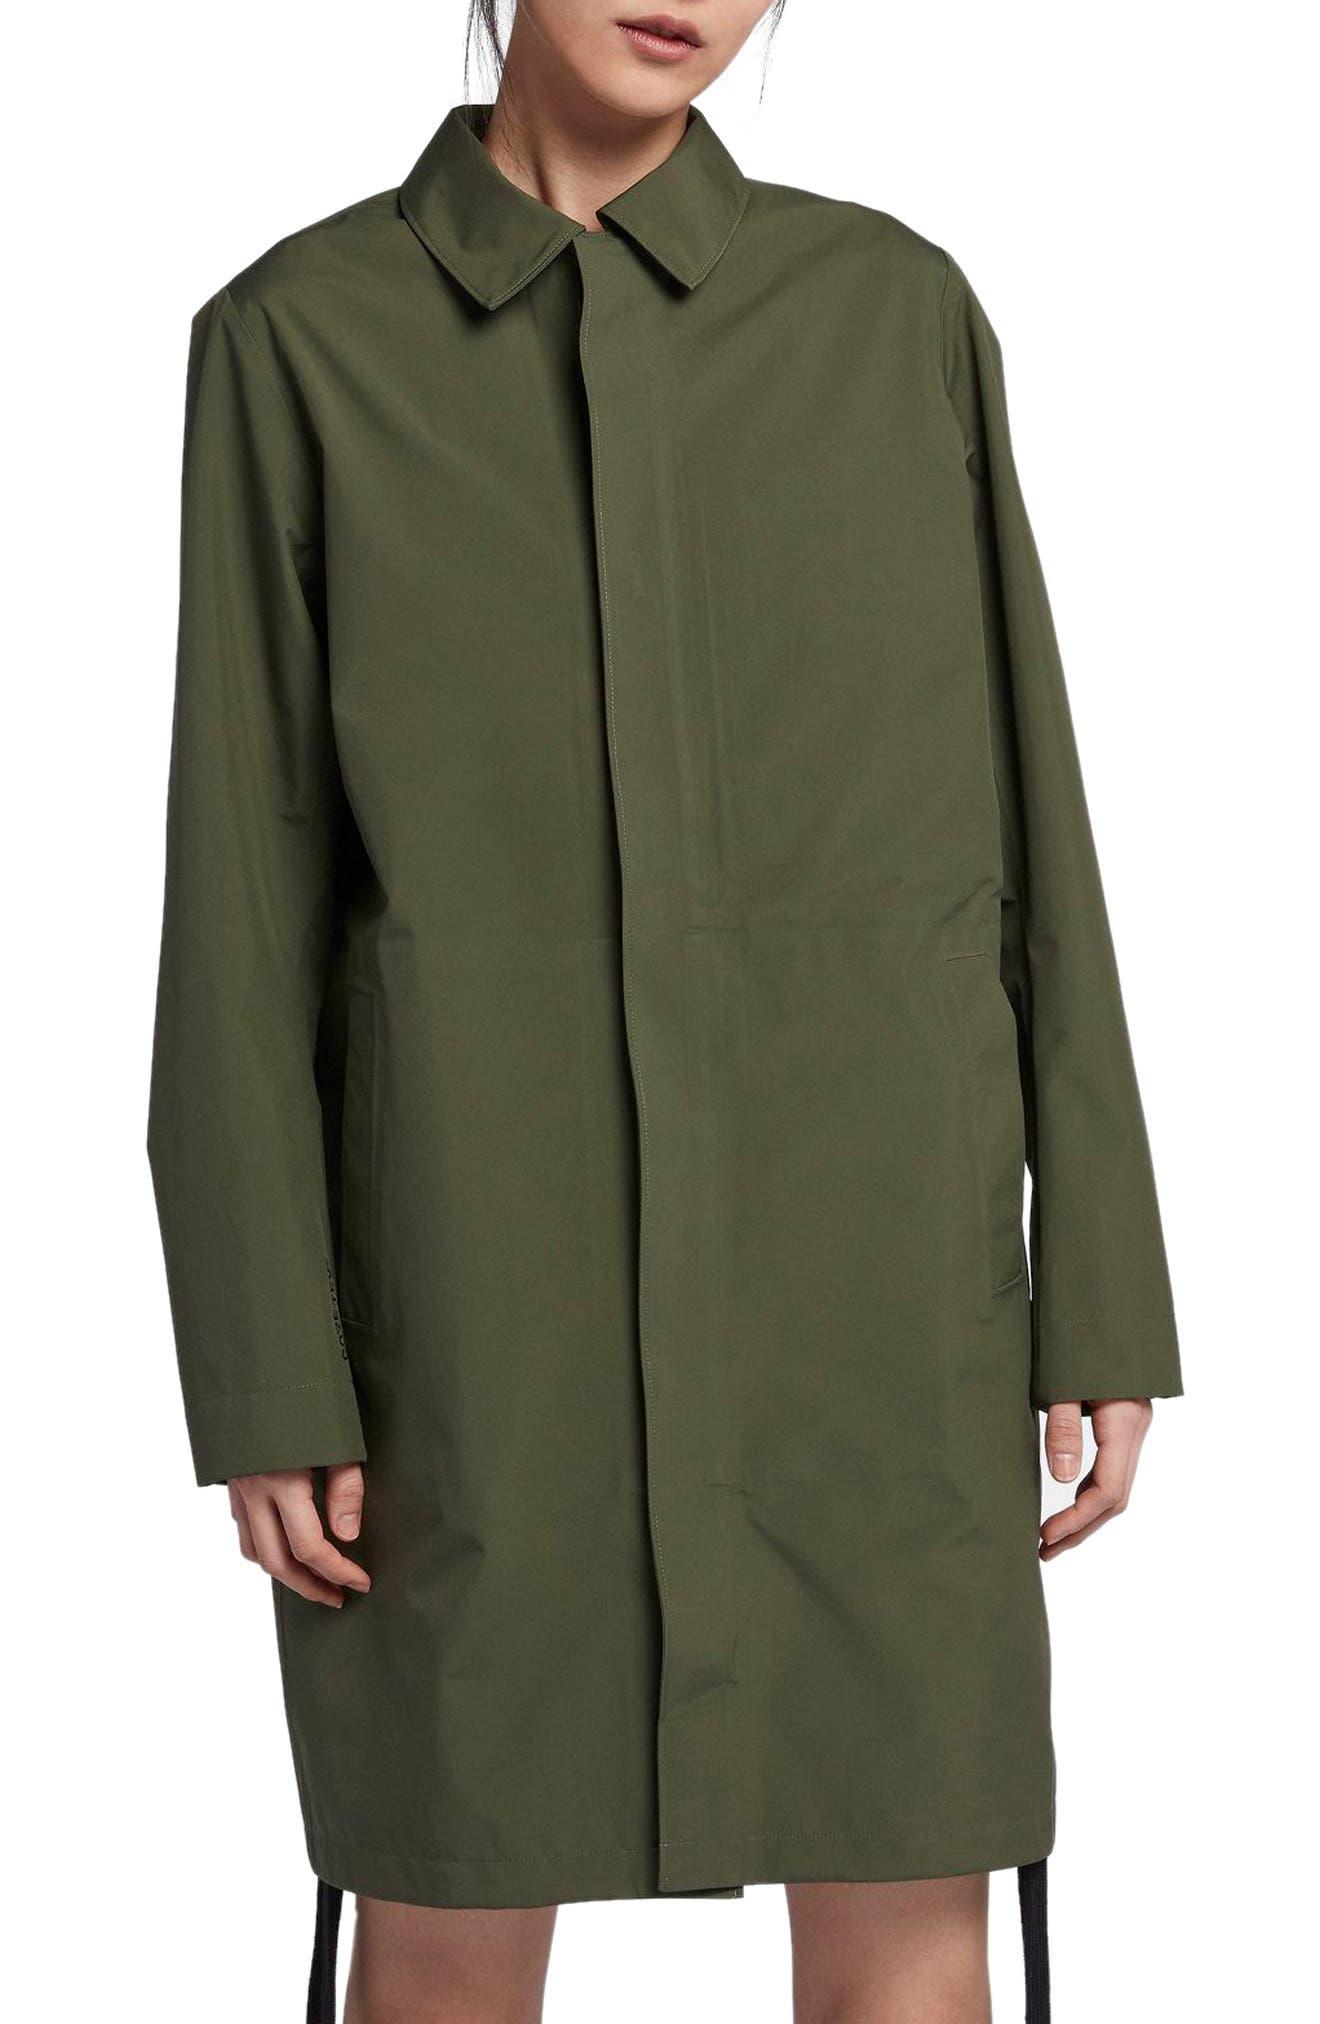 NikeLab x RT Women's Water Resistant Car Coat,                             Main thumbnail 1, color,                             Surplus Green